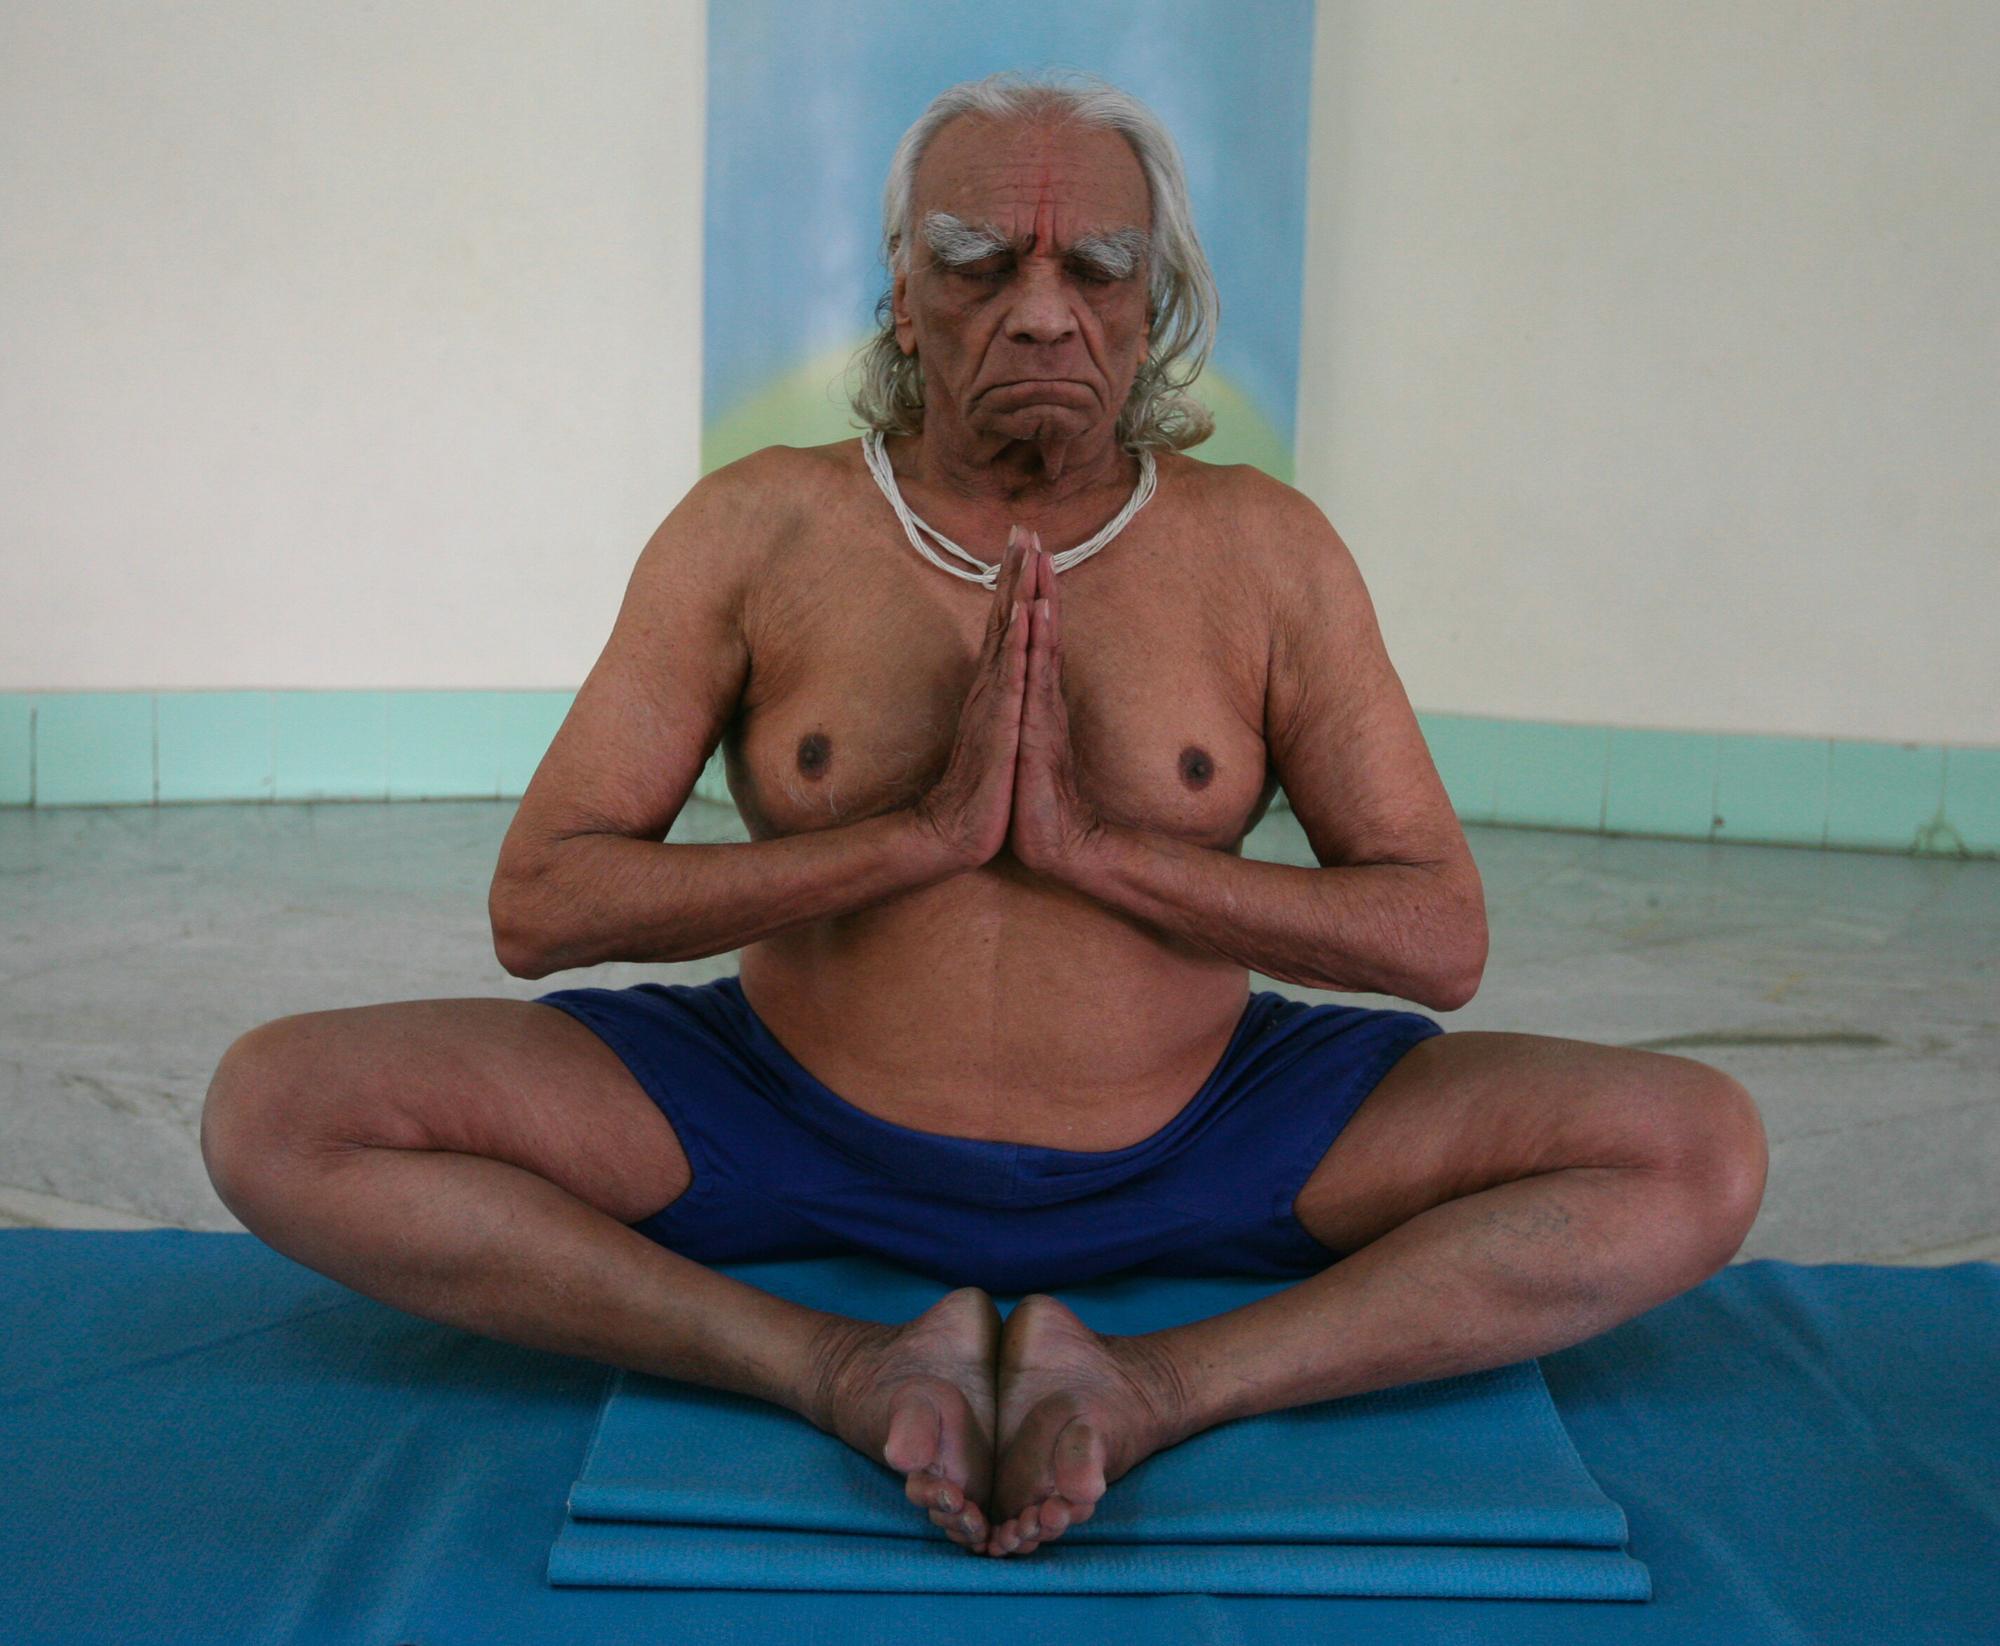 Yogacharya BKS Iyengar performing Yoga at his Yoga Institute in Pune, Maharashtra, India, in 2007.